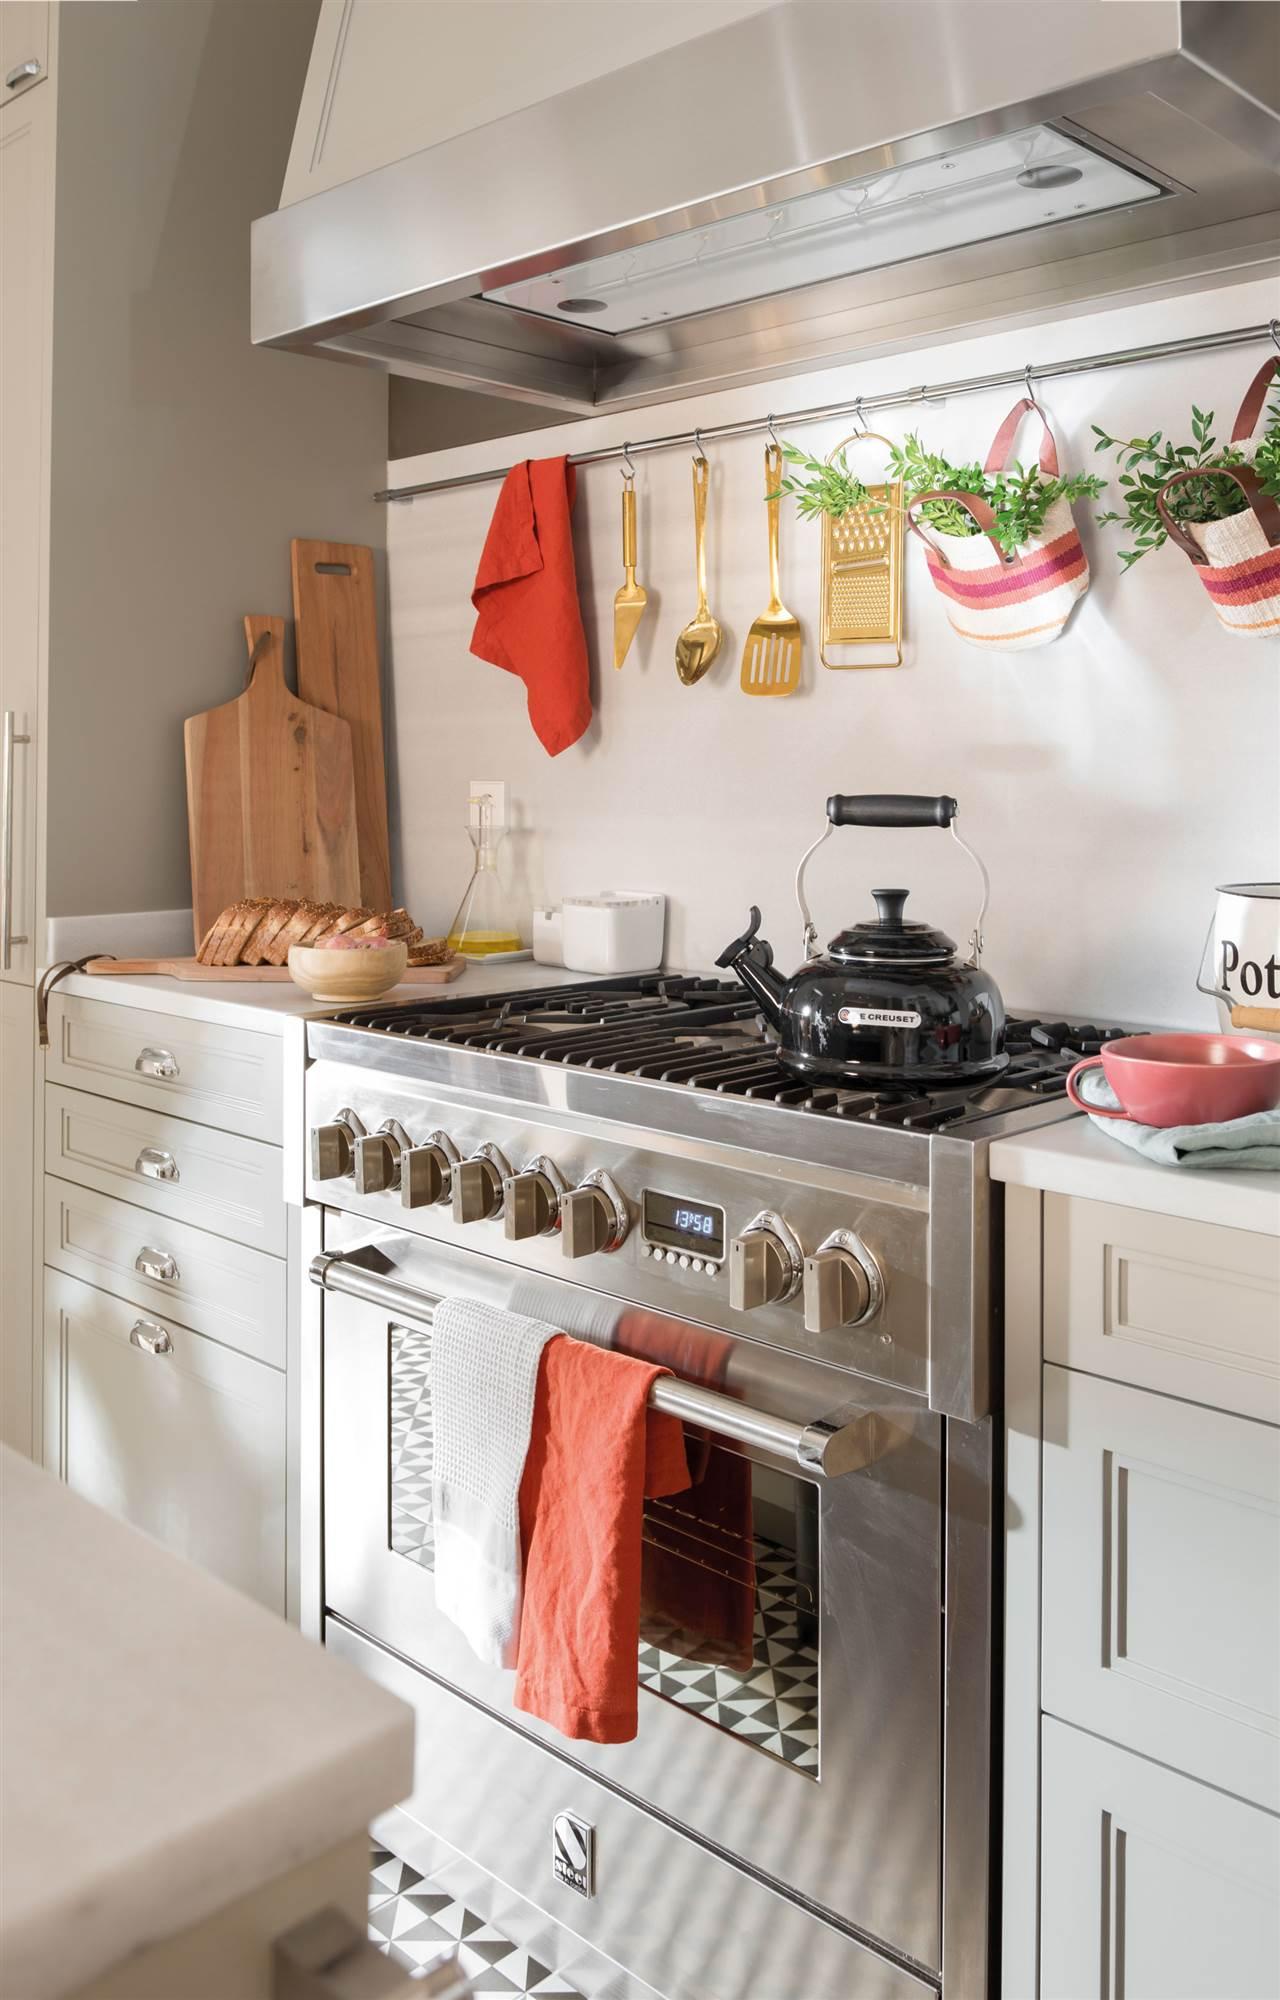 Ventajas e inconvenientes de la cocina de gas